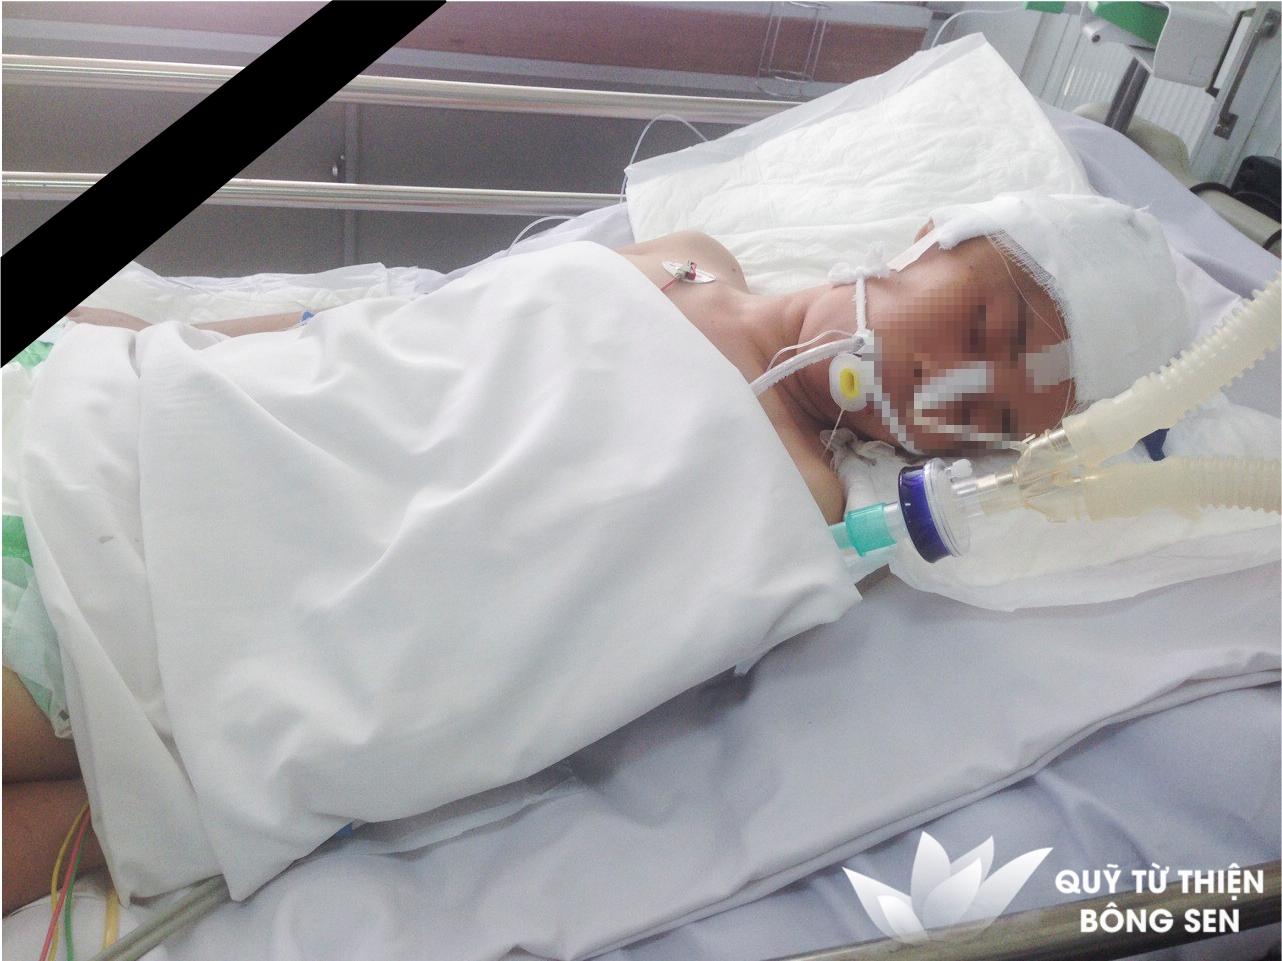 Kỳ 387: Lê Thị Cẩm Tú, quê Kiên Giang, xuất huyết dưới nhệnh, túi phình động mạch, hỗ trợ 7.000.000 đồng ngày 05/10/2018